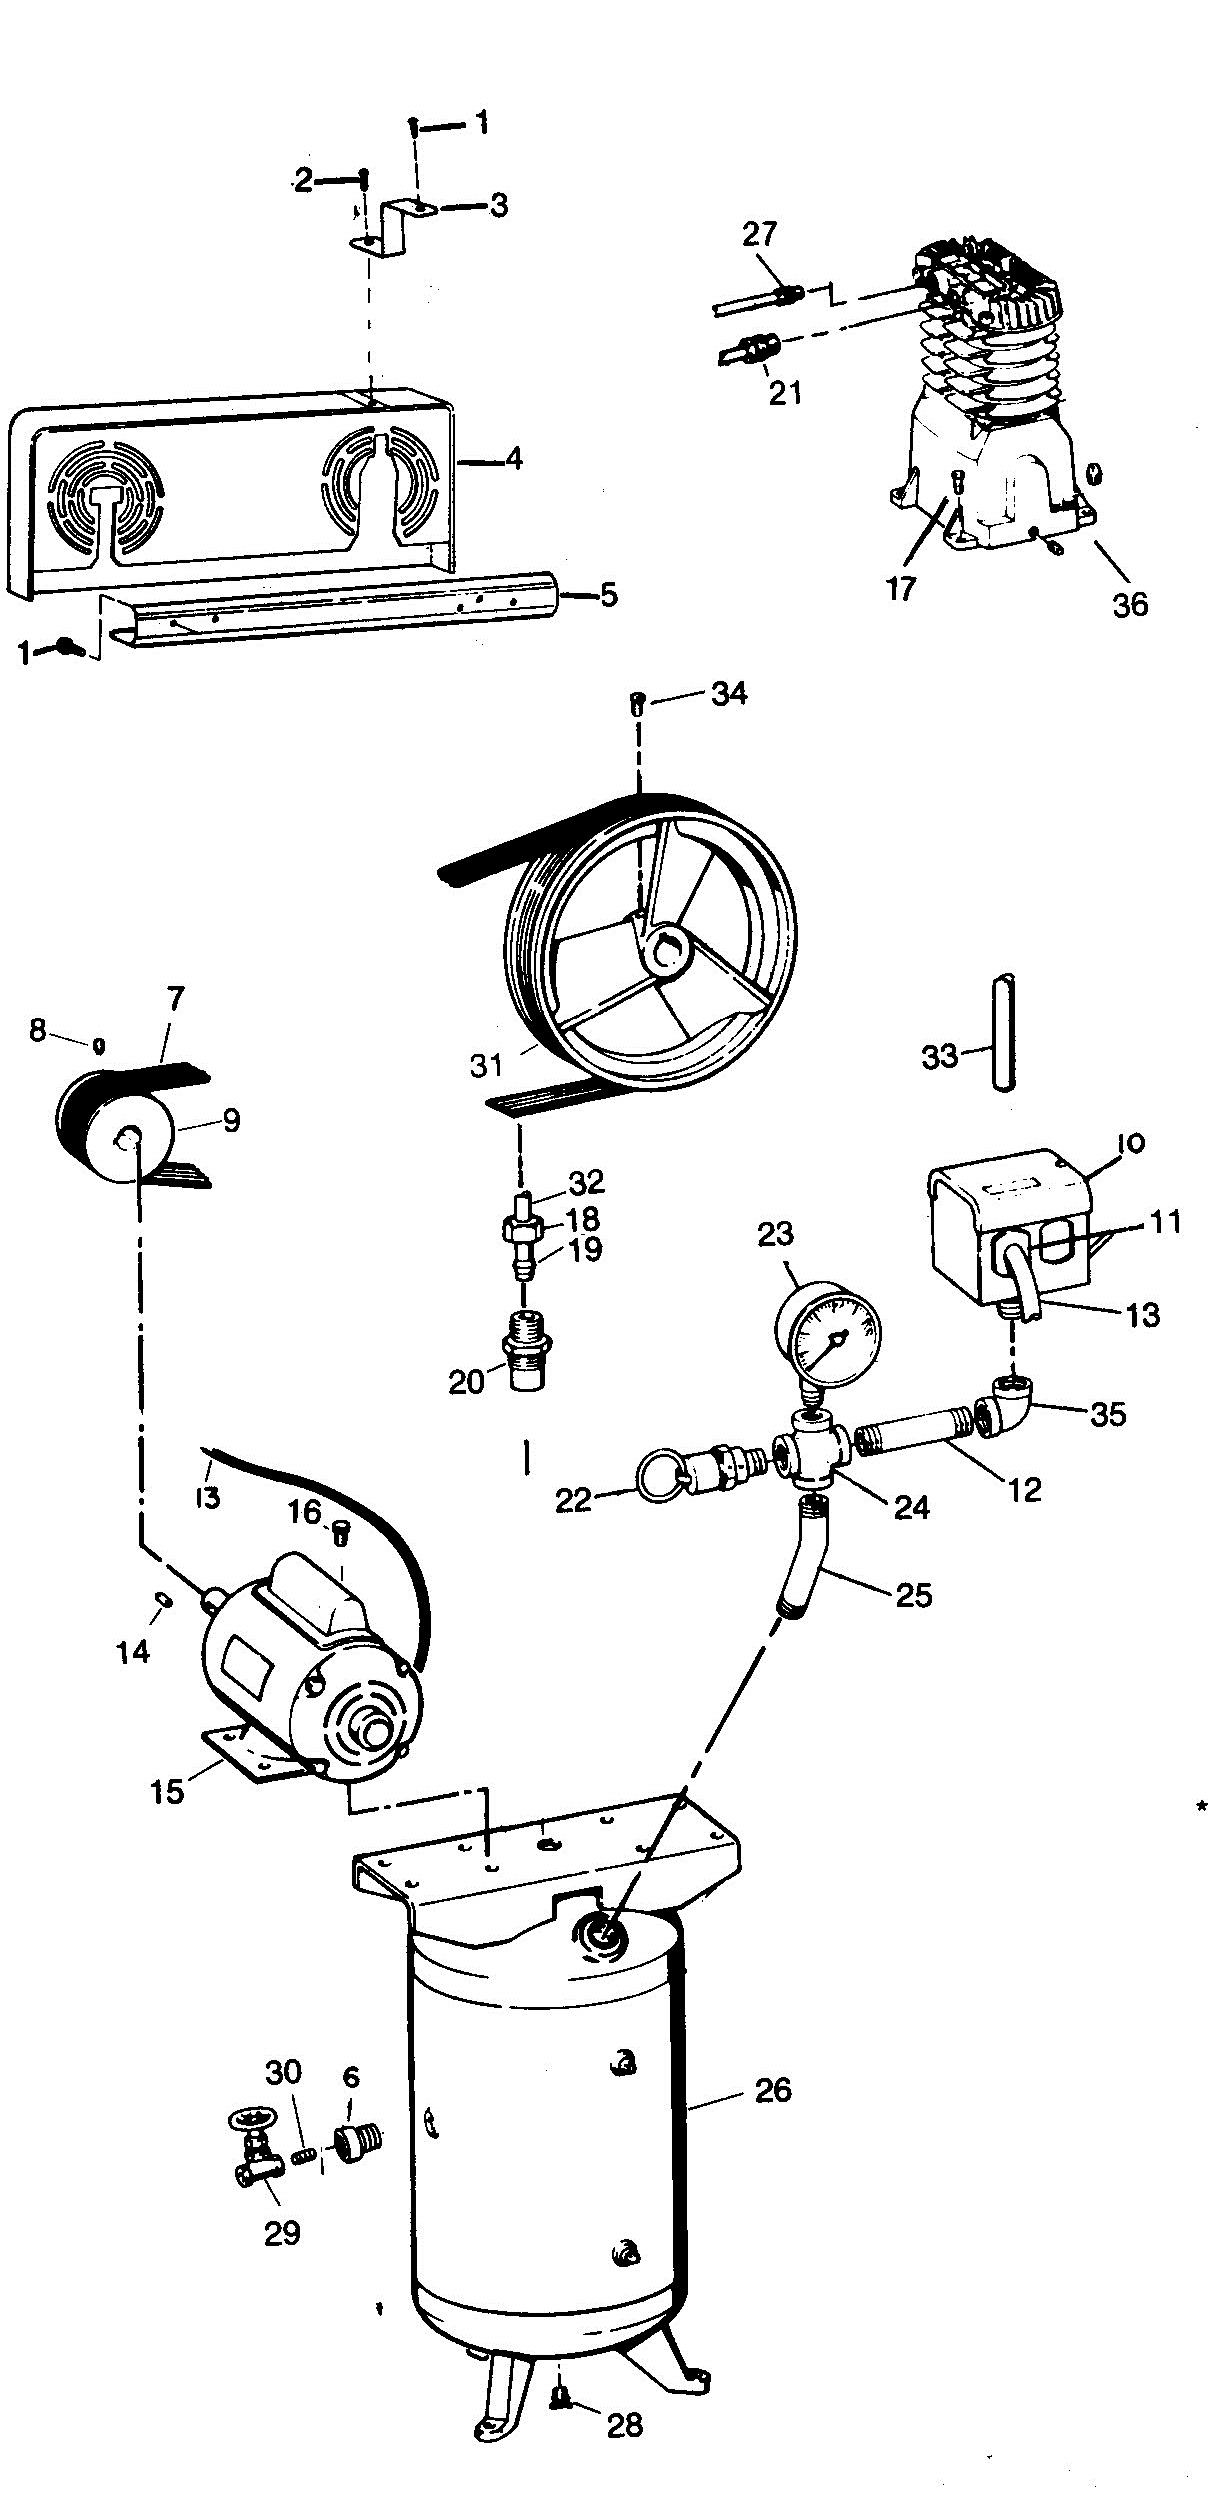 Campbell Hausfeld Air Compressor Parts Diagram Campbell Hausfeld Vt558704 Parts Master Tool Repair